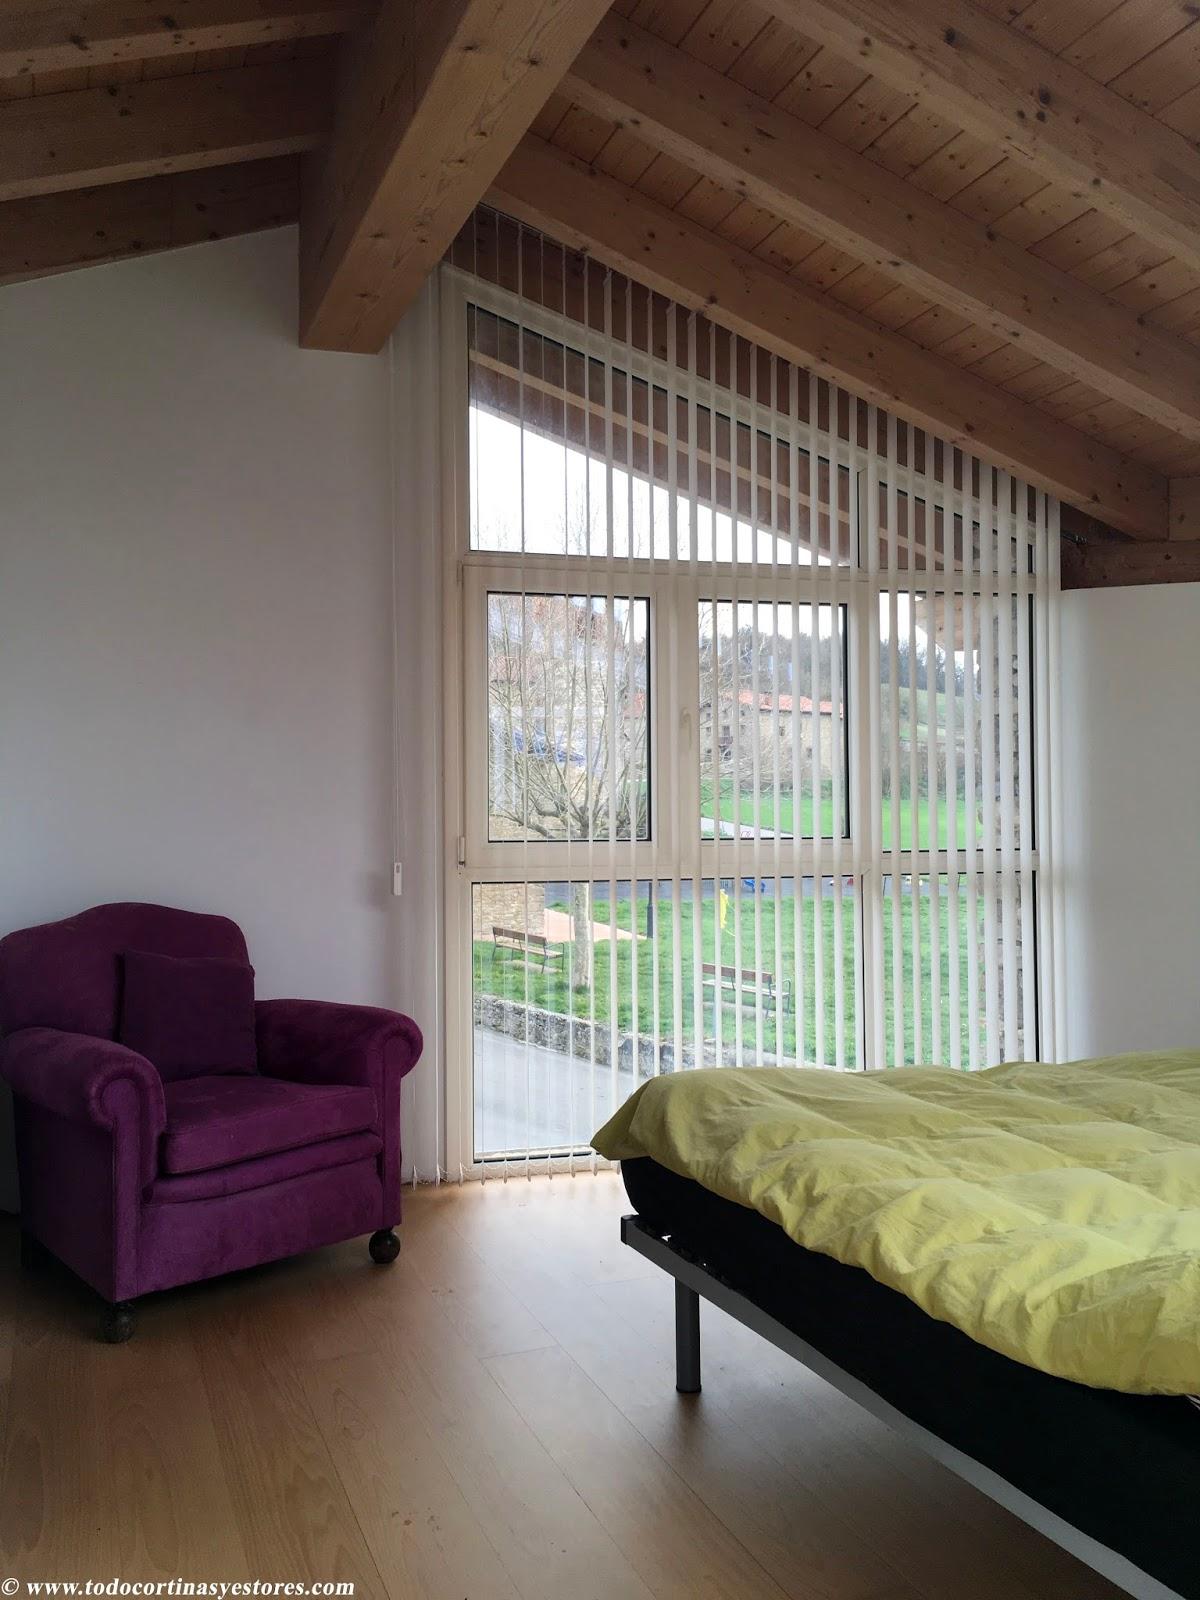 Decoracion interior cortinas verticales estores - Sistemas de cortinas y estores ...